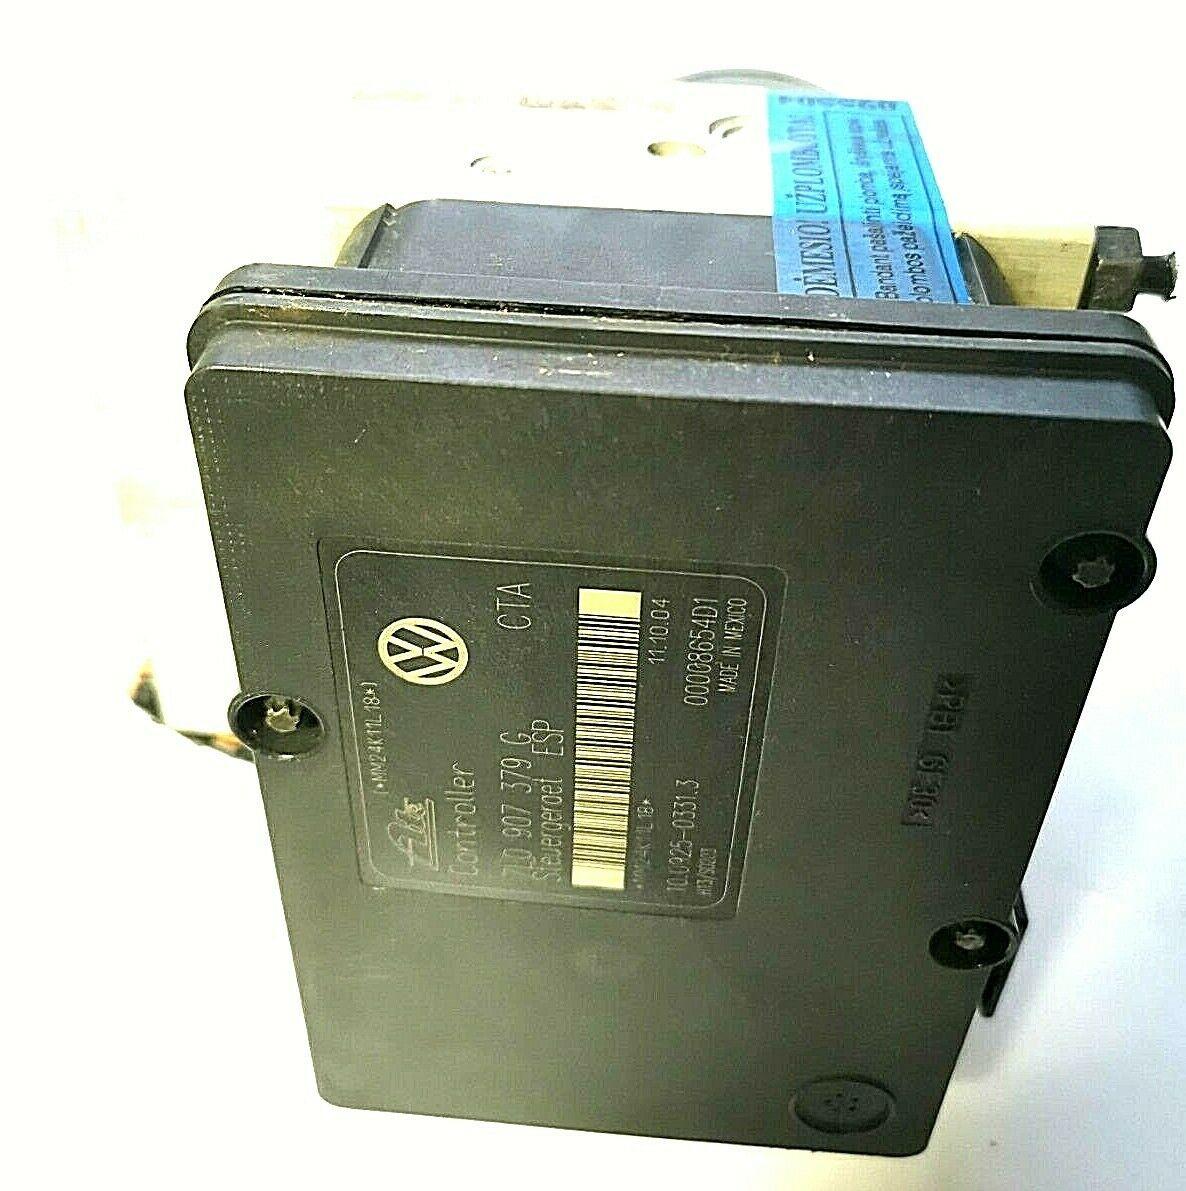 Блок управления абс транспортер т5 авито фольксваген транспортер полный привод купить